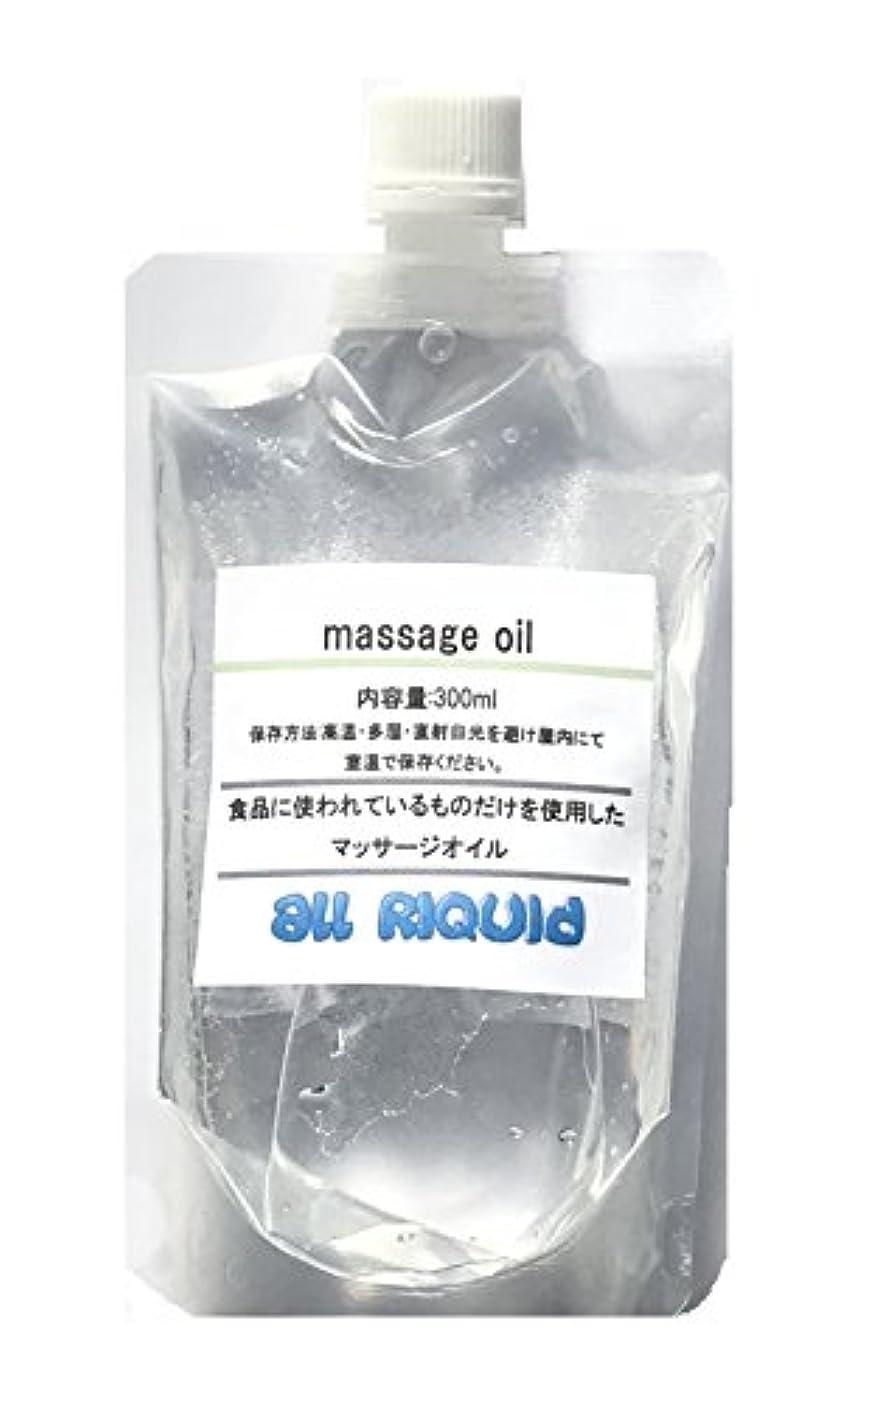 粘土見つけた国籍(国産) 食品に使われているものしか入っていないアロママッサージオイル あま~い バニラ オールリキッド 300ml (グリセリン クエン酸) 配合 大容量